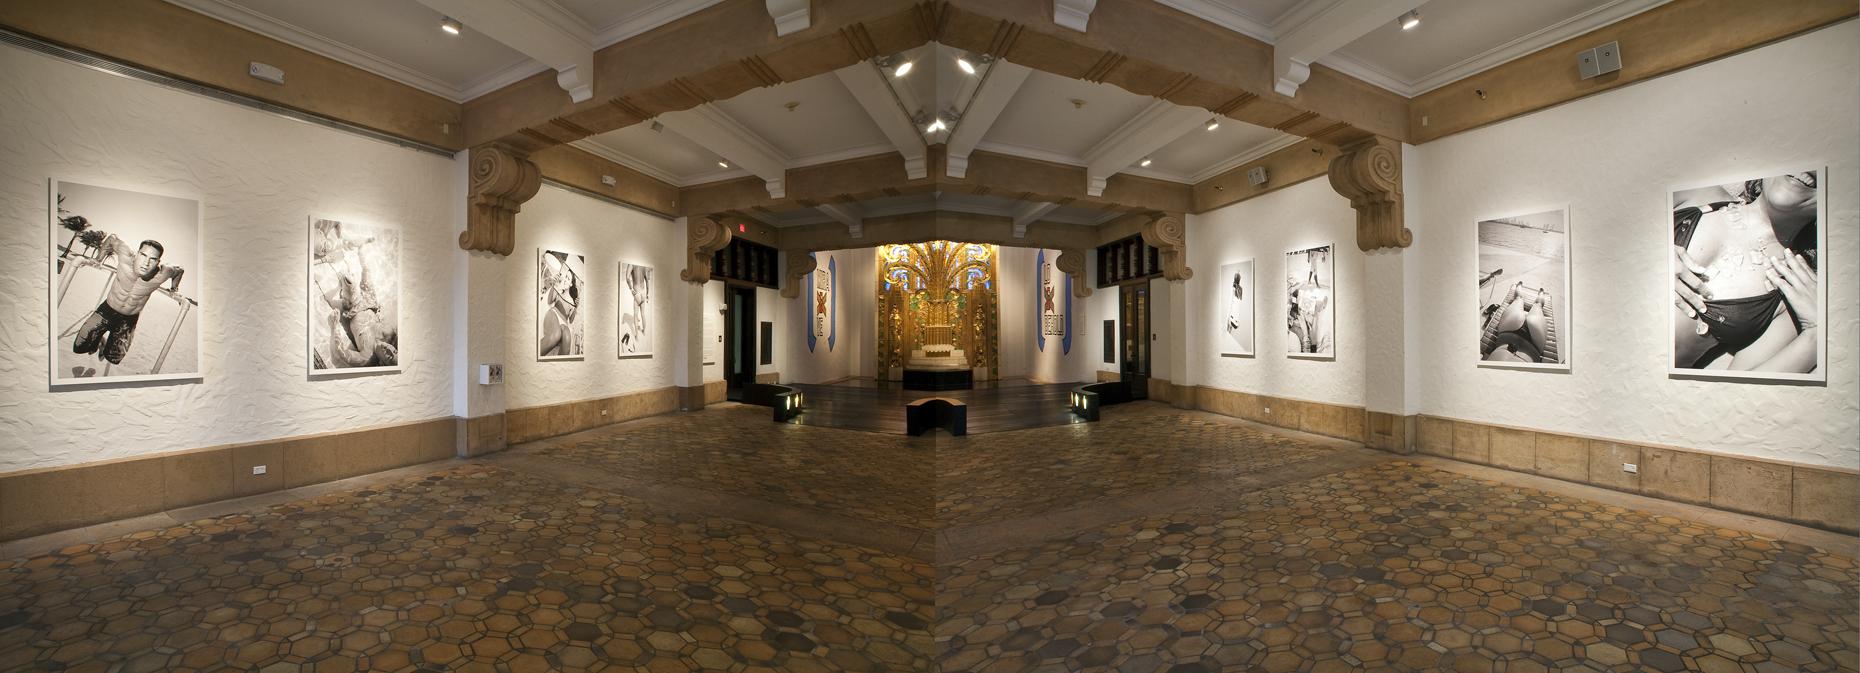 Wolfsonian Museum, 2009